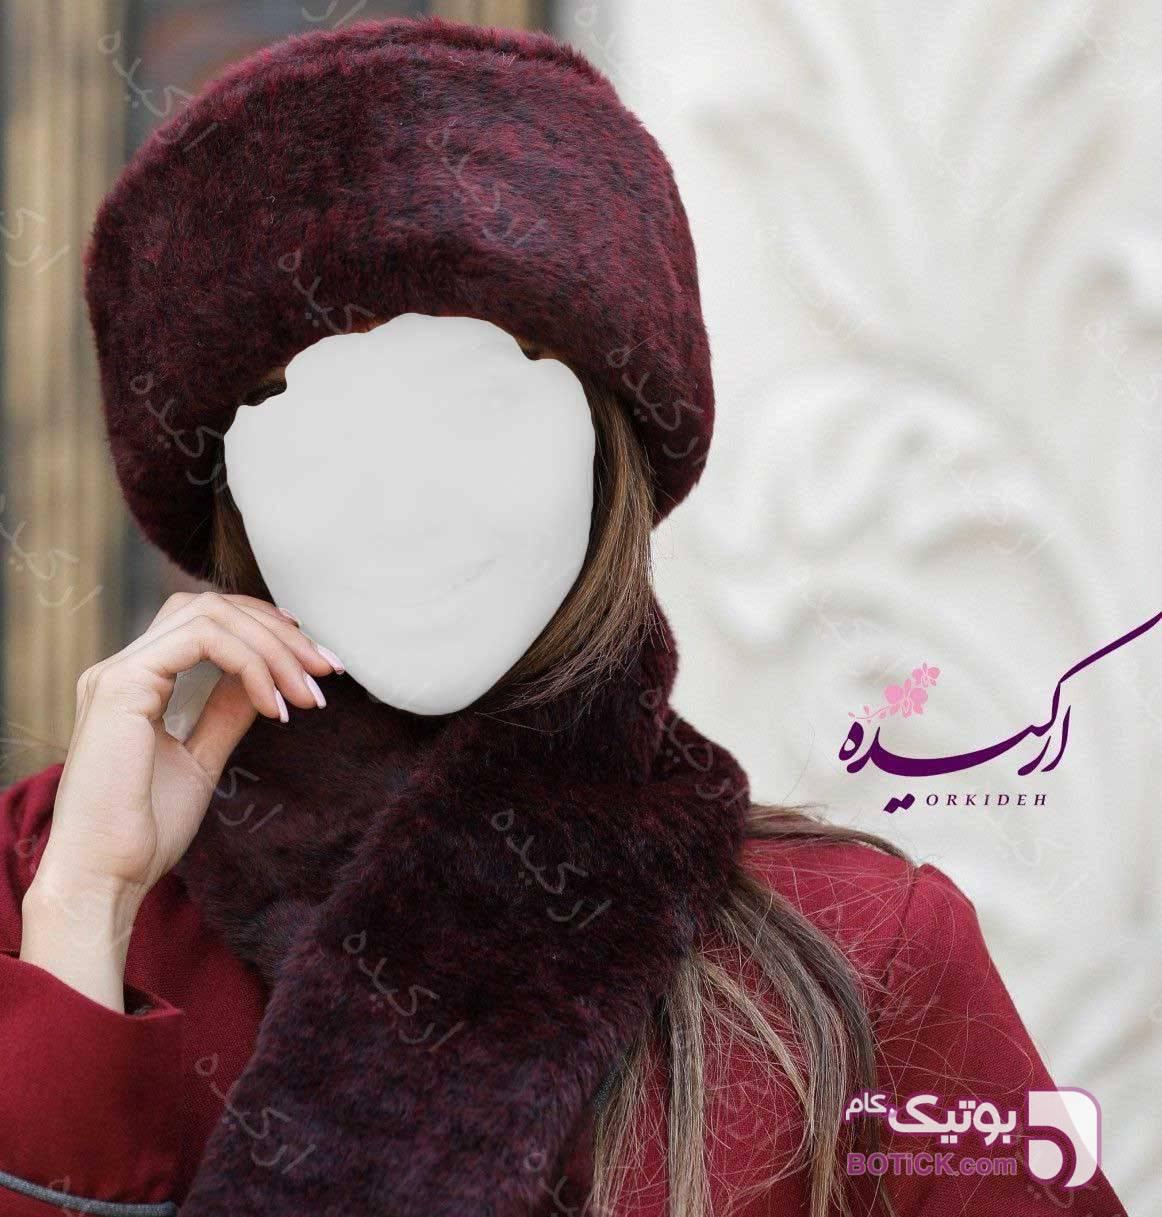 شال و کلاه روسی مشکی کلاه و اسکارف